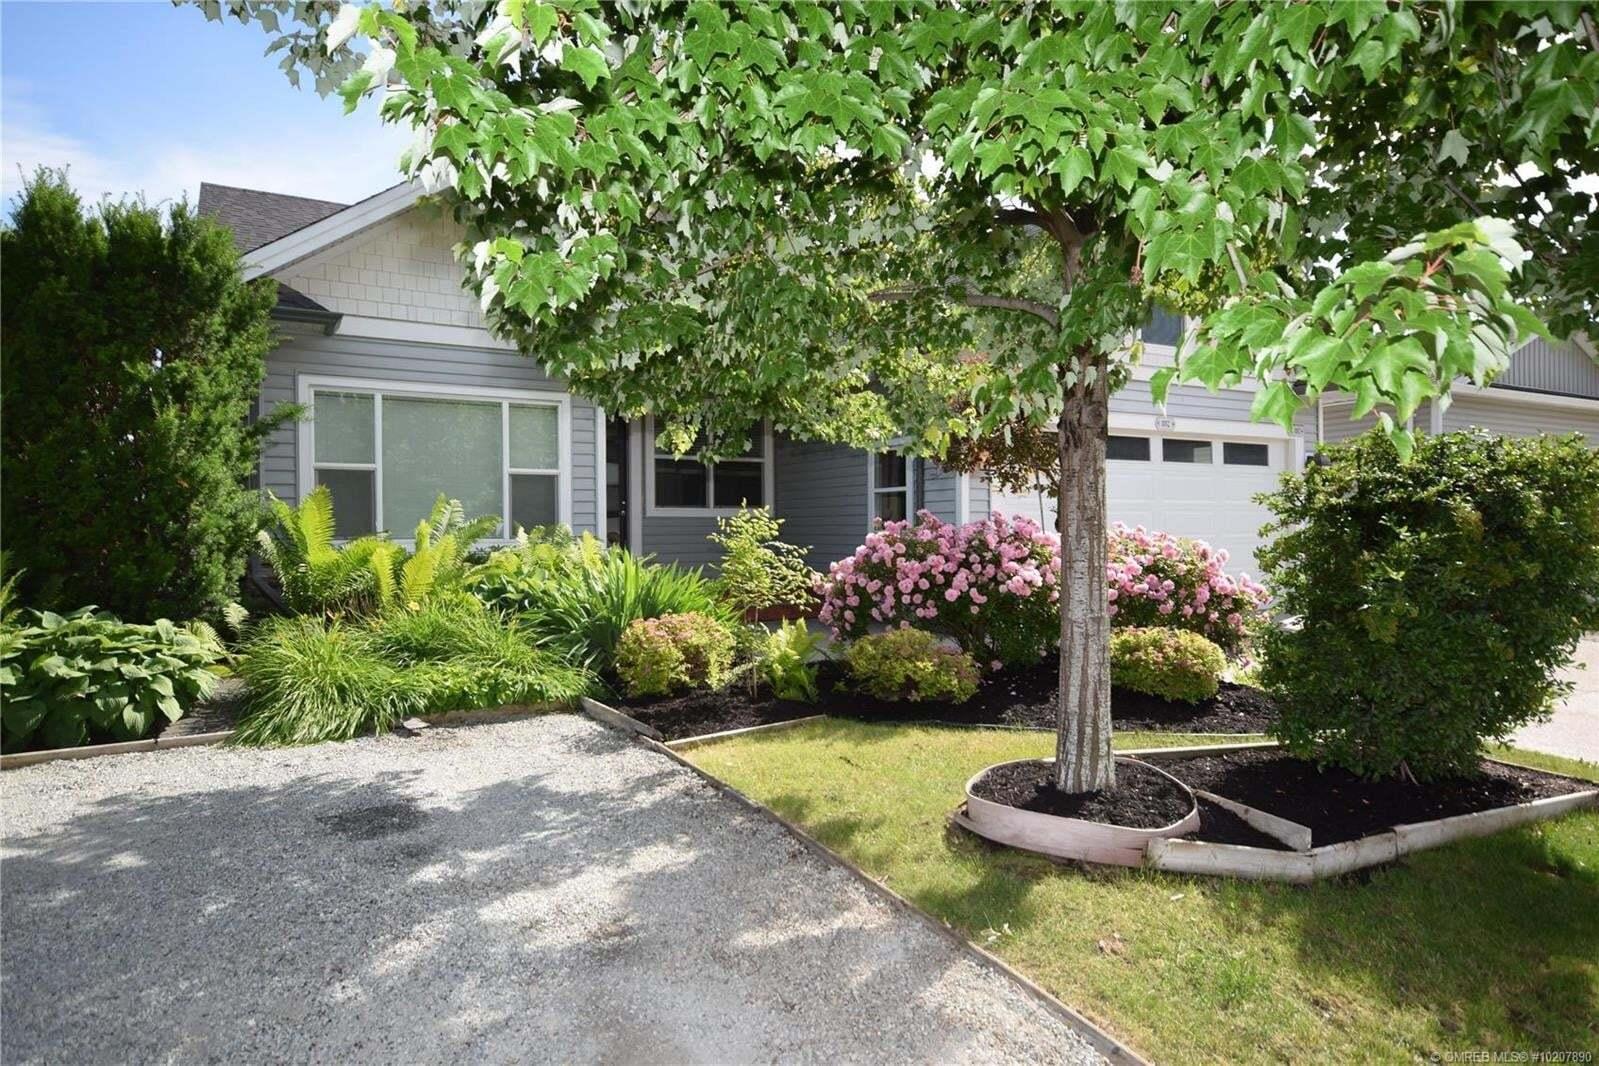 House for sale at 337 Arab Rd Kelowna British Columbia - MLS: 10207890